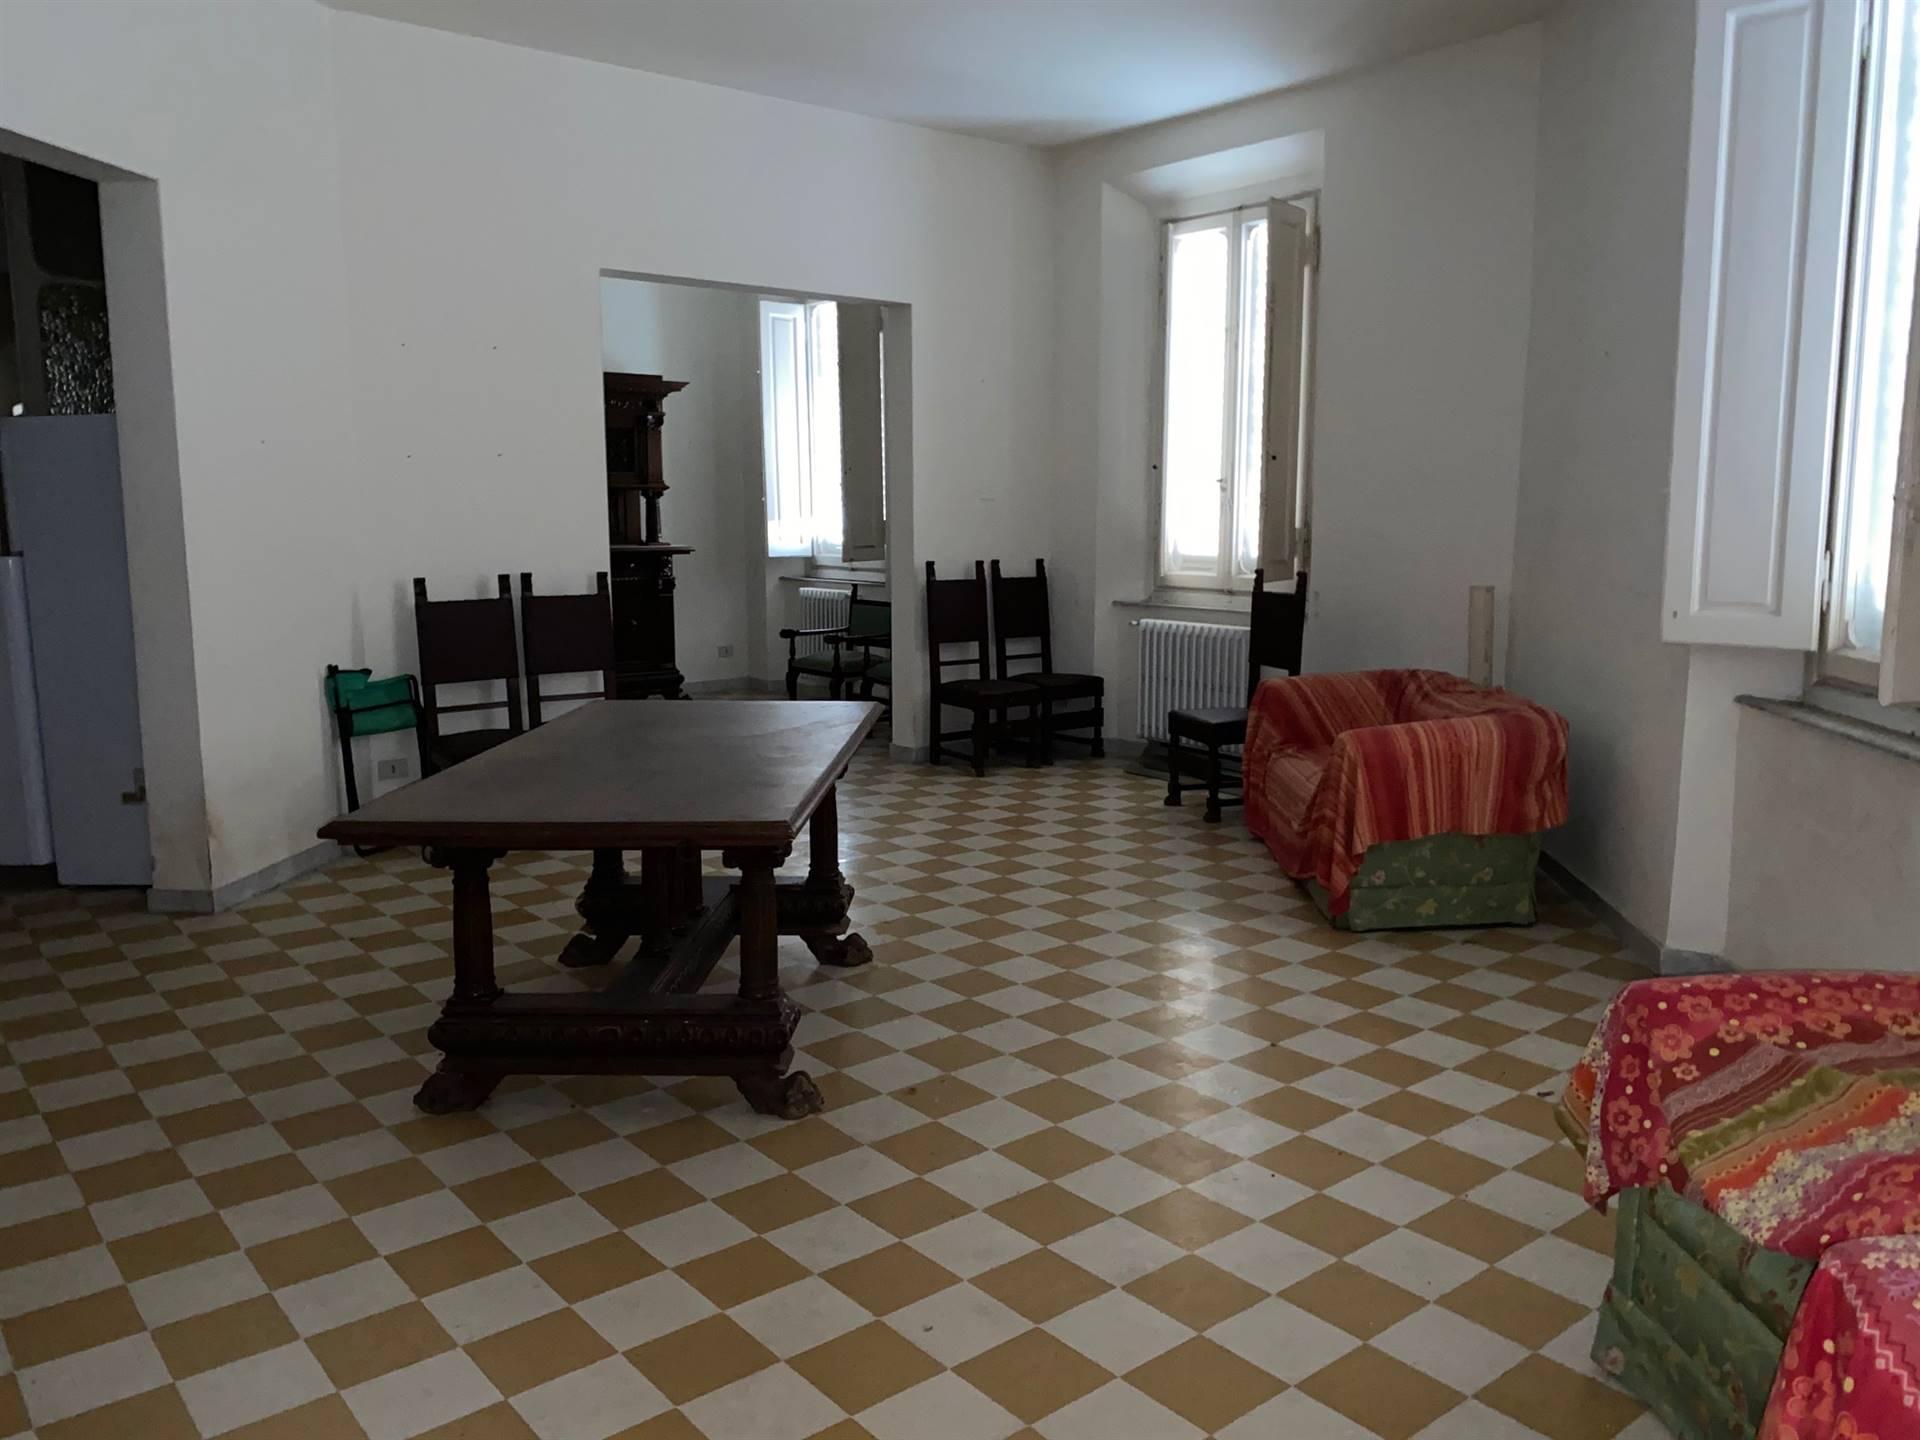 PIAZZA ROMA Appartamento di grande metratura composto da: ingresso , soggiorno doppio, corridoio, cucina, tre camere, ripostiglio tre bagni,grande